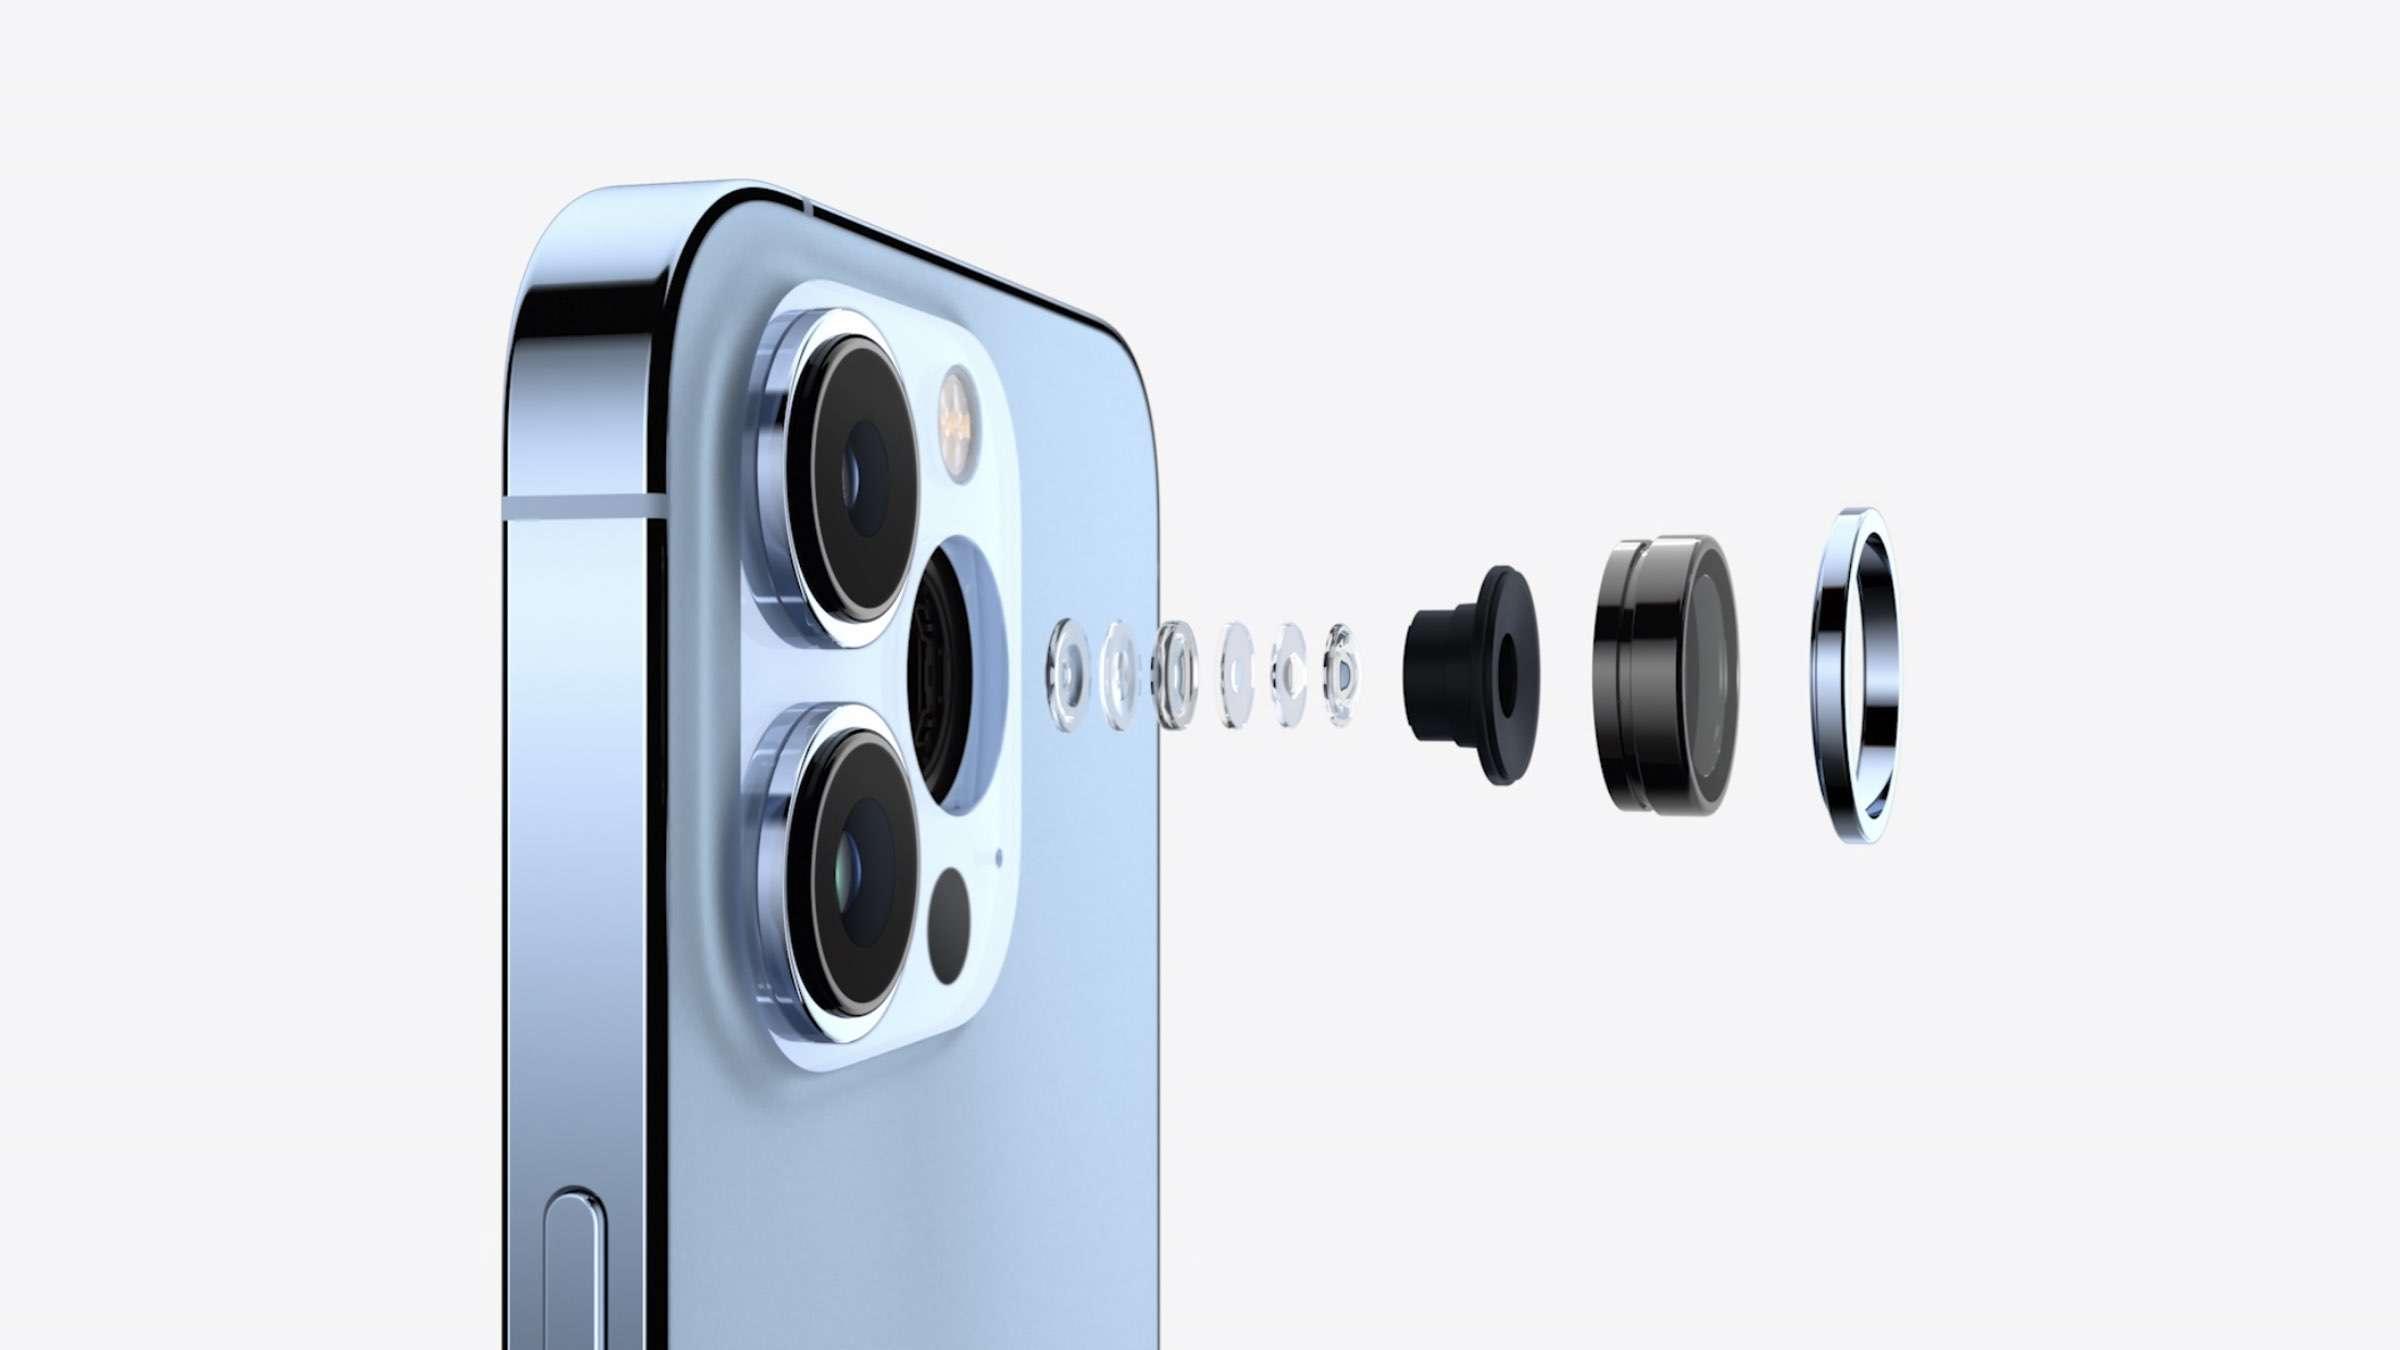 Die Kameralinsen